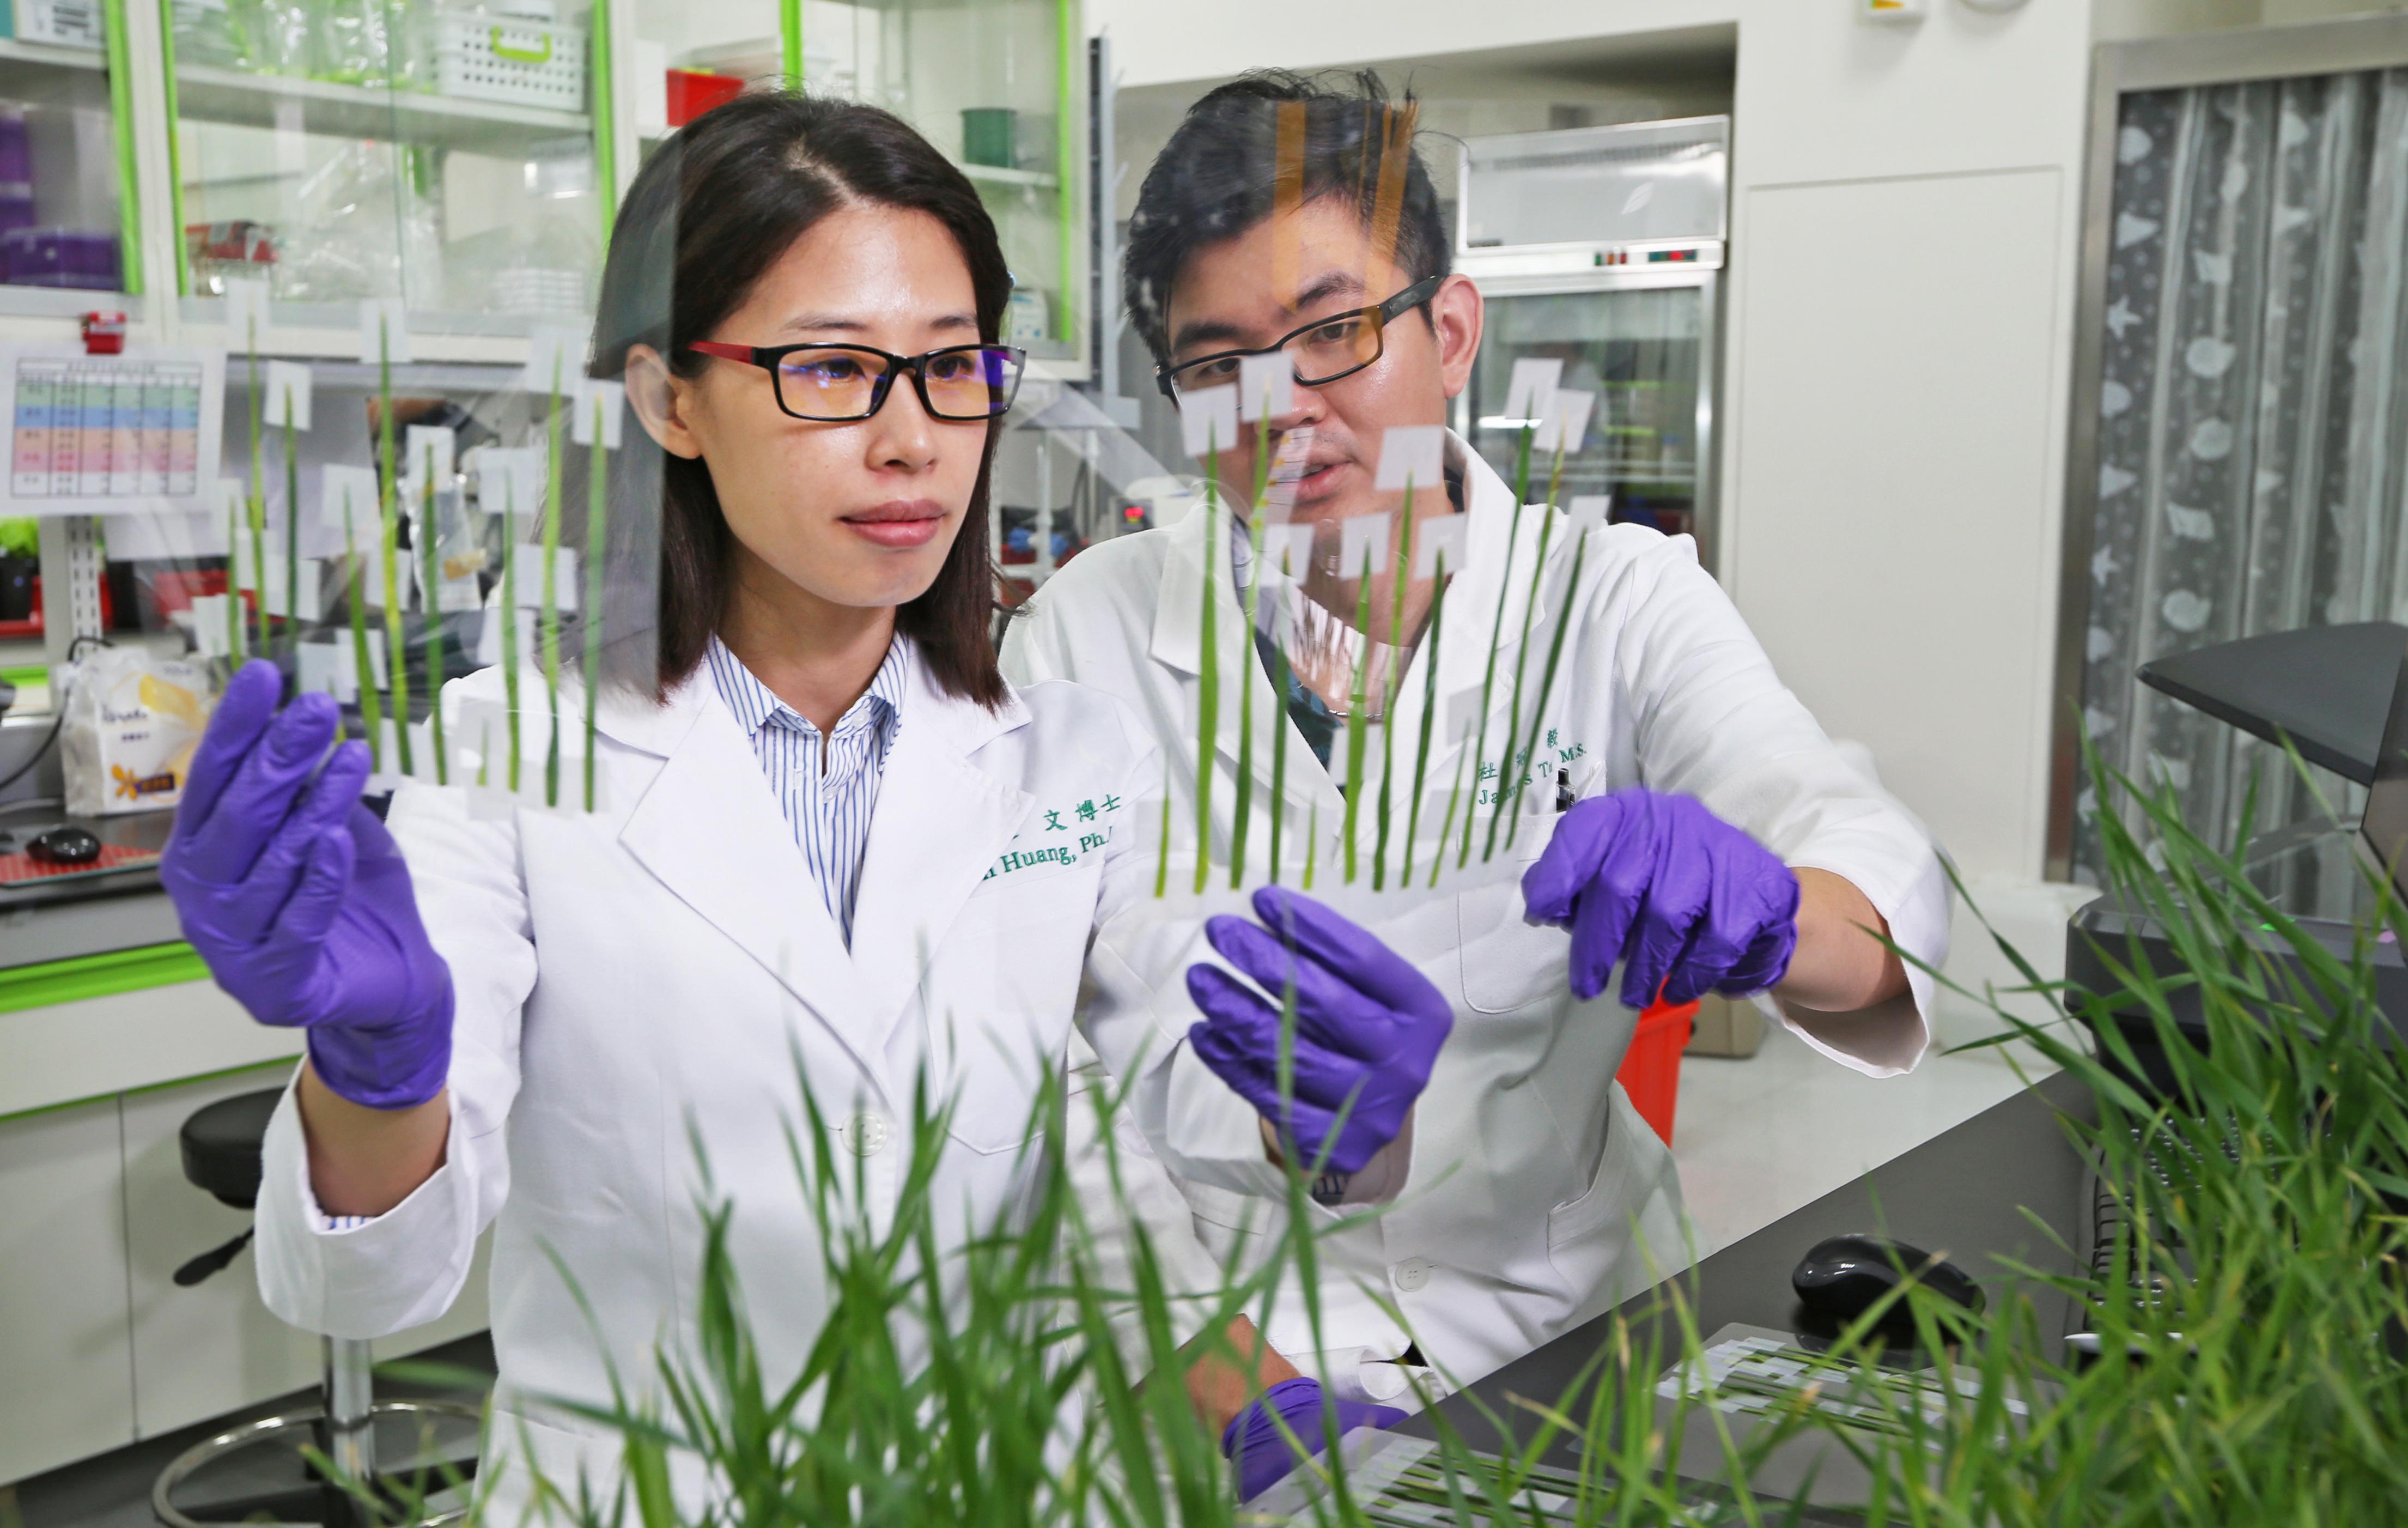 正瀚生技的研究範疇,從種子到果實、從基因功能到植物的外觀表形,系統化整合研究所得,提供最完整的產品解決方案